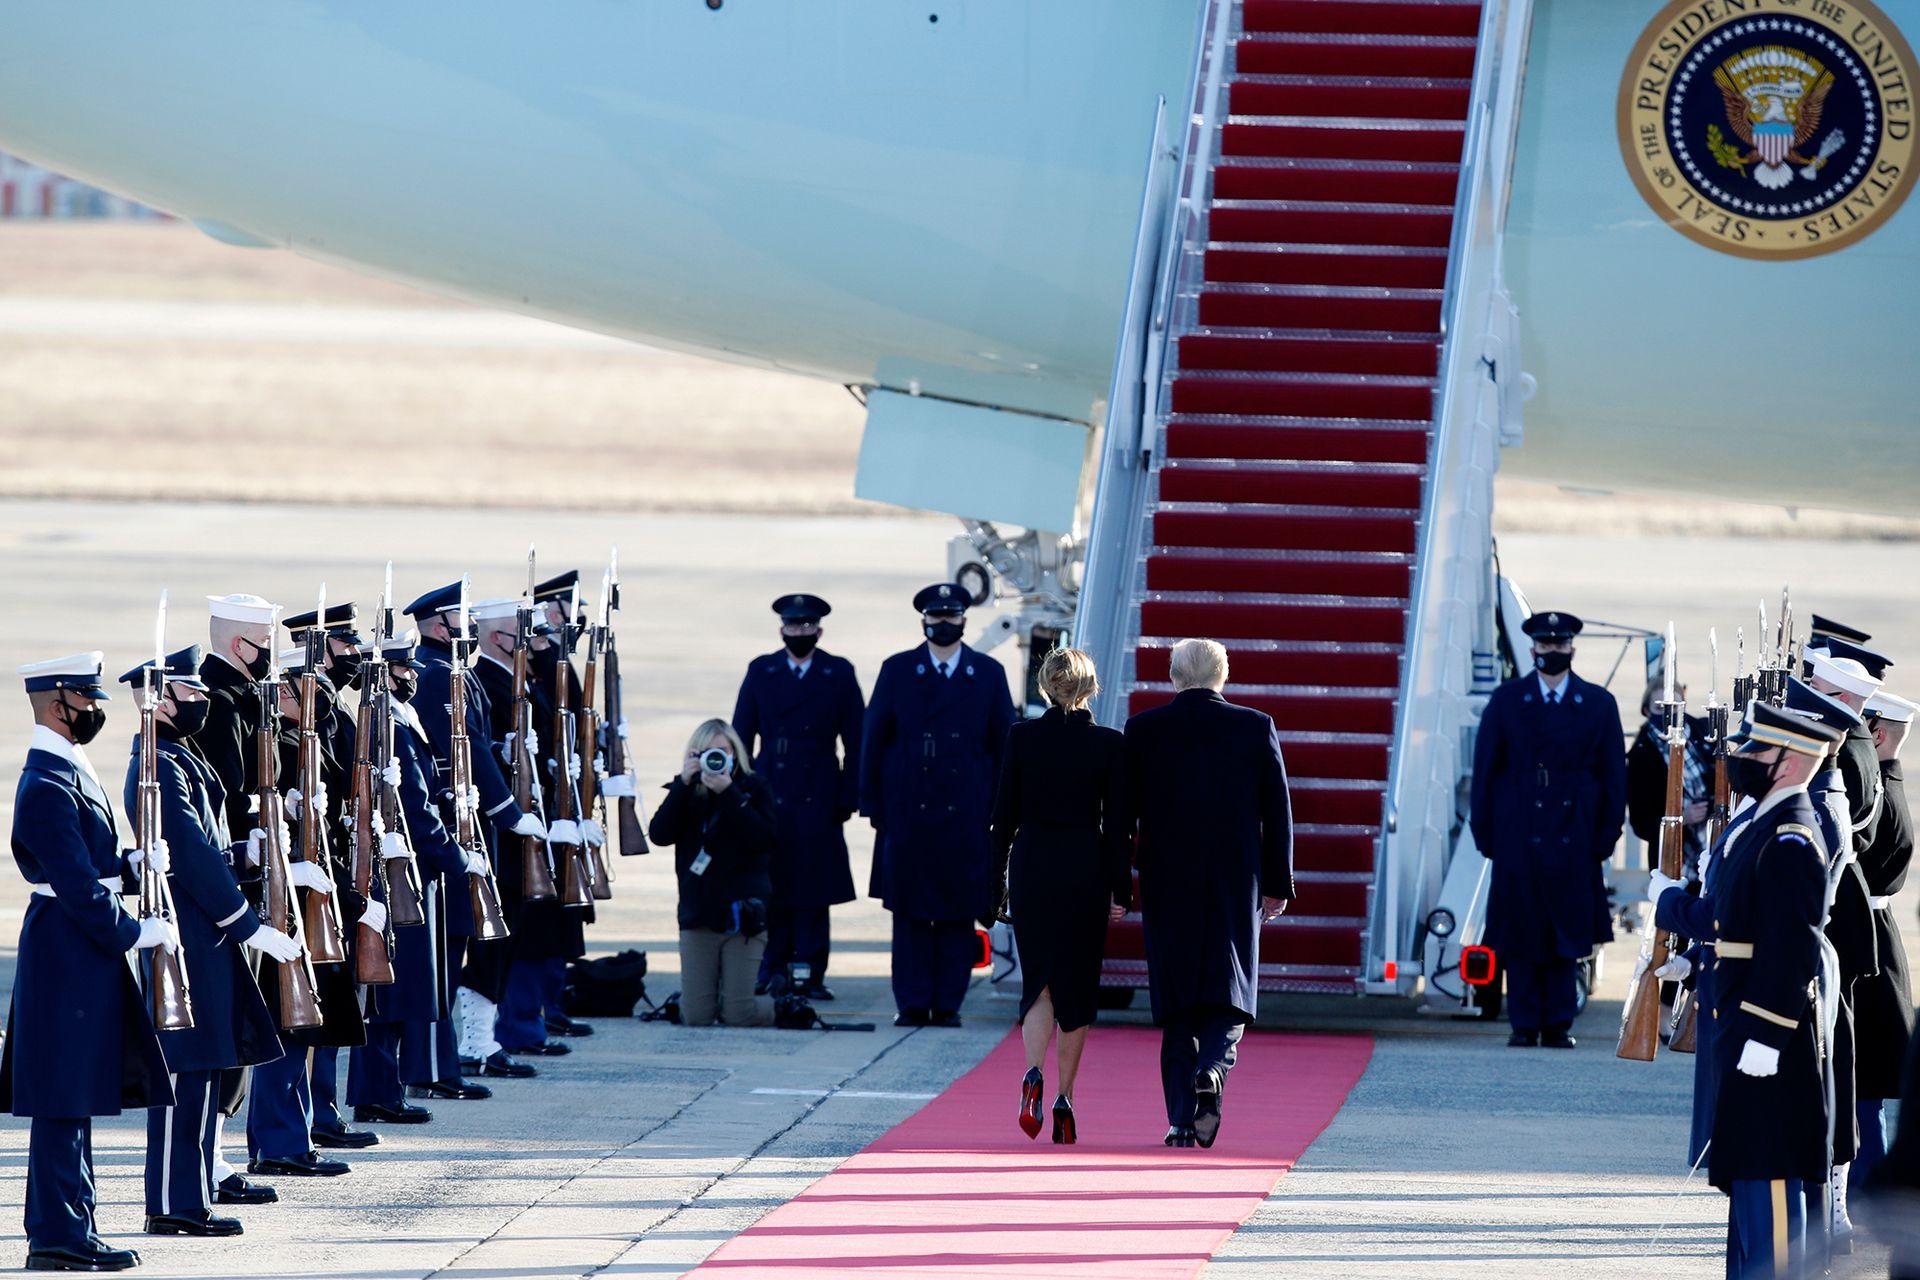 El presidente Donald Trump y la primera dama Melania Trump son recibidos por una guardia de honor militar cuando abordan el Air Force One en la Base de la Fuerza Aérea Andrews